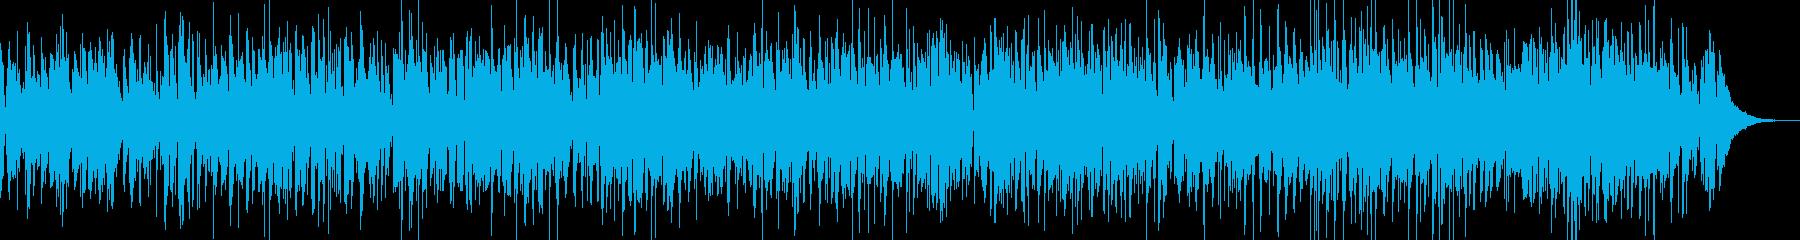 ほんわかボサノバ、映像に最適の再生済みの波形